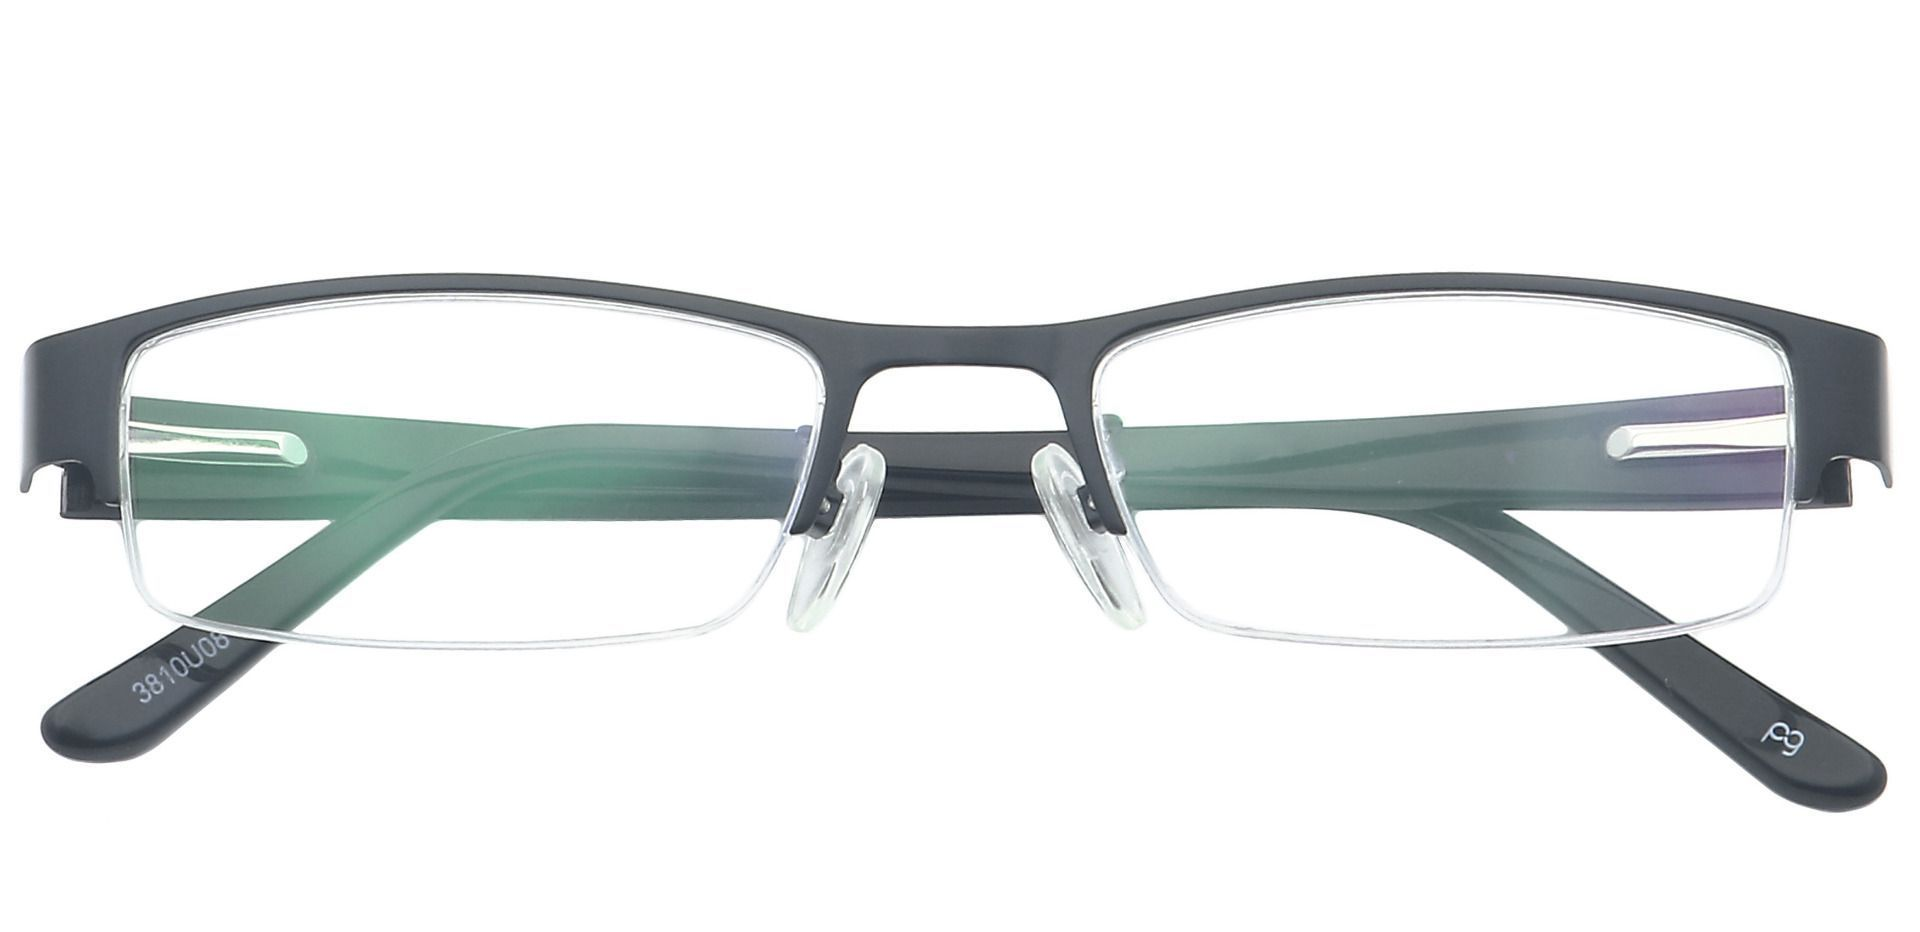 Ringo Rectangle Non-Rx Glasses - Blue